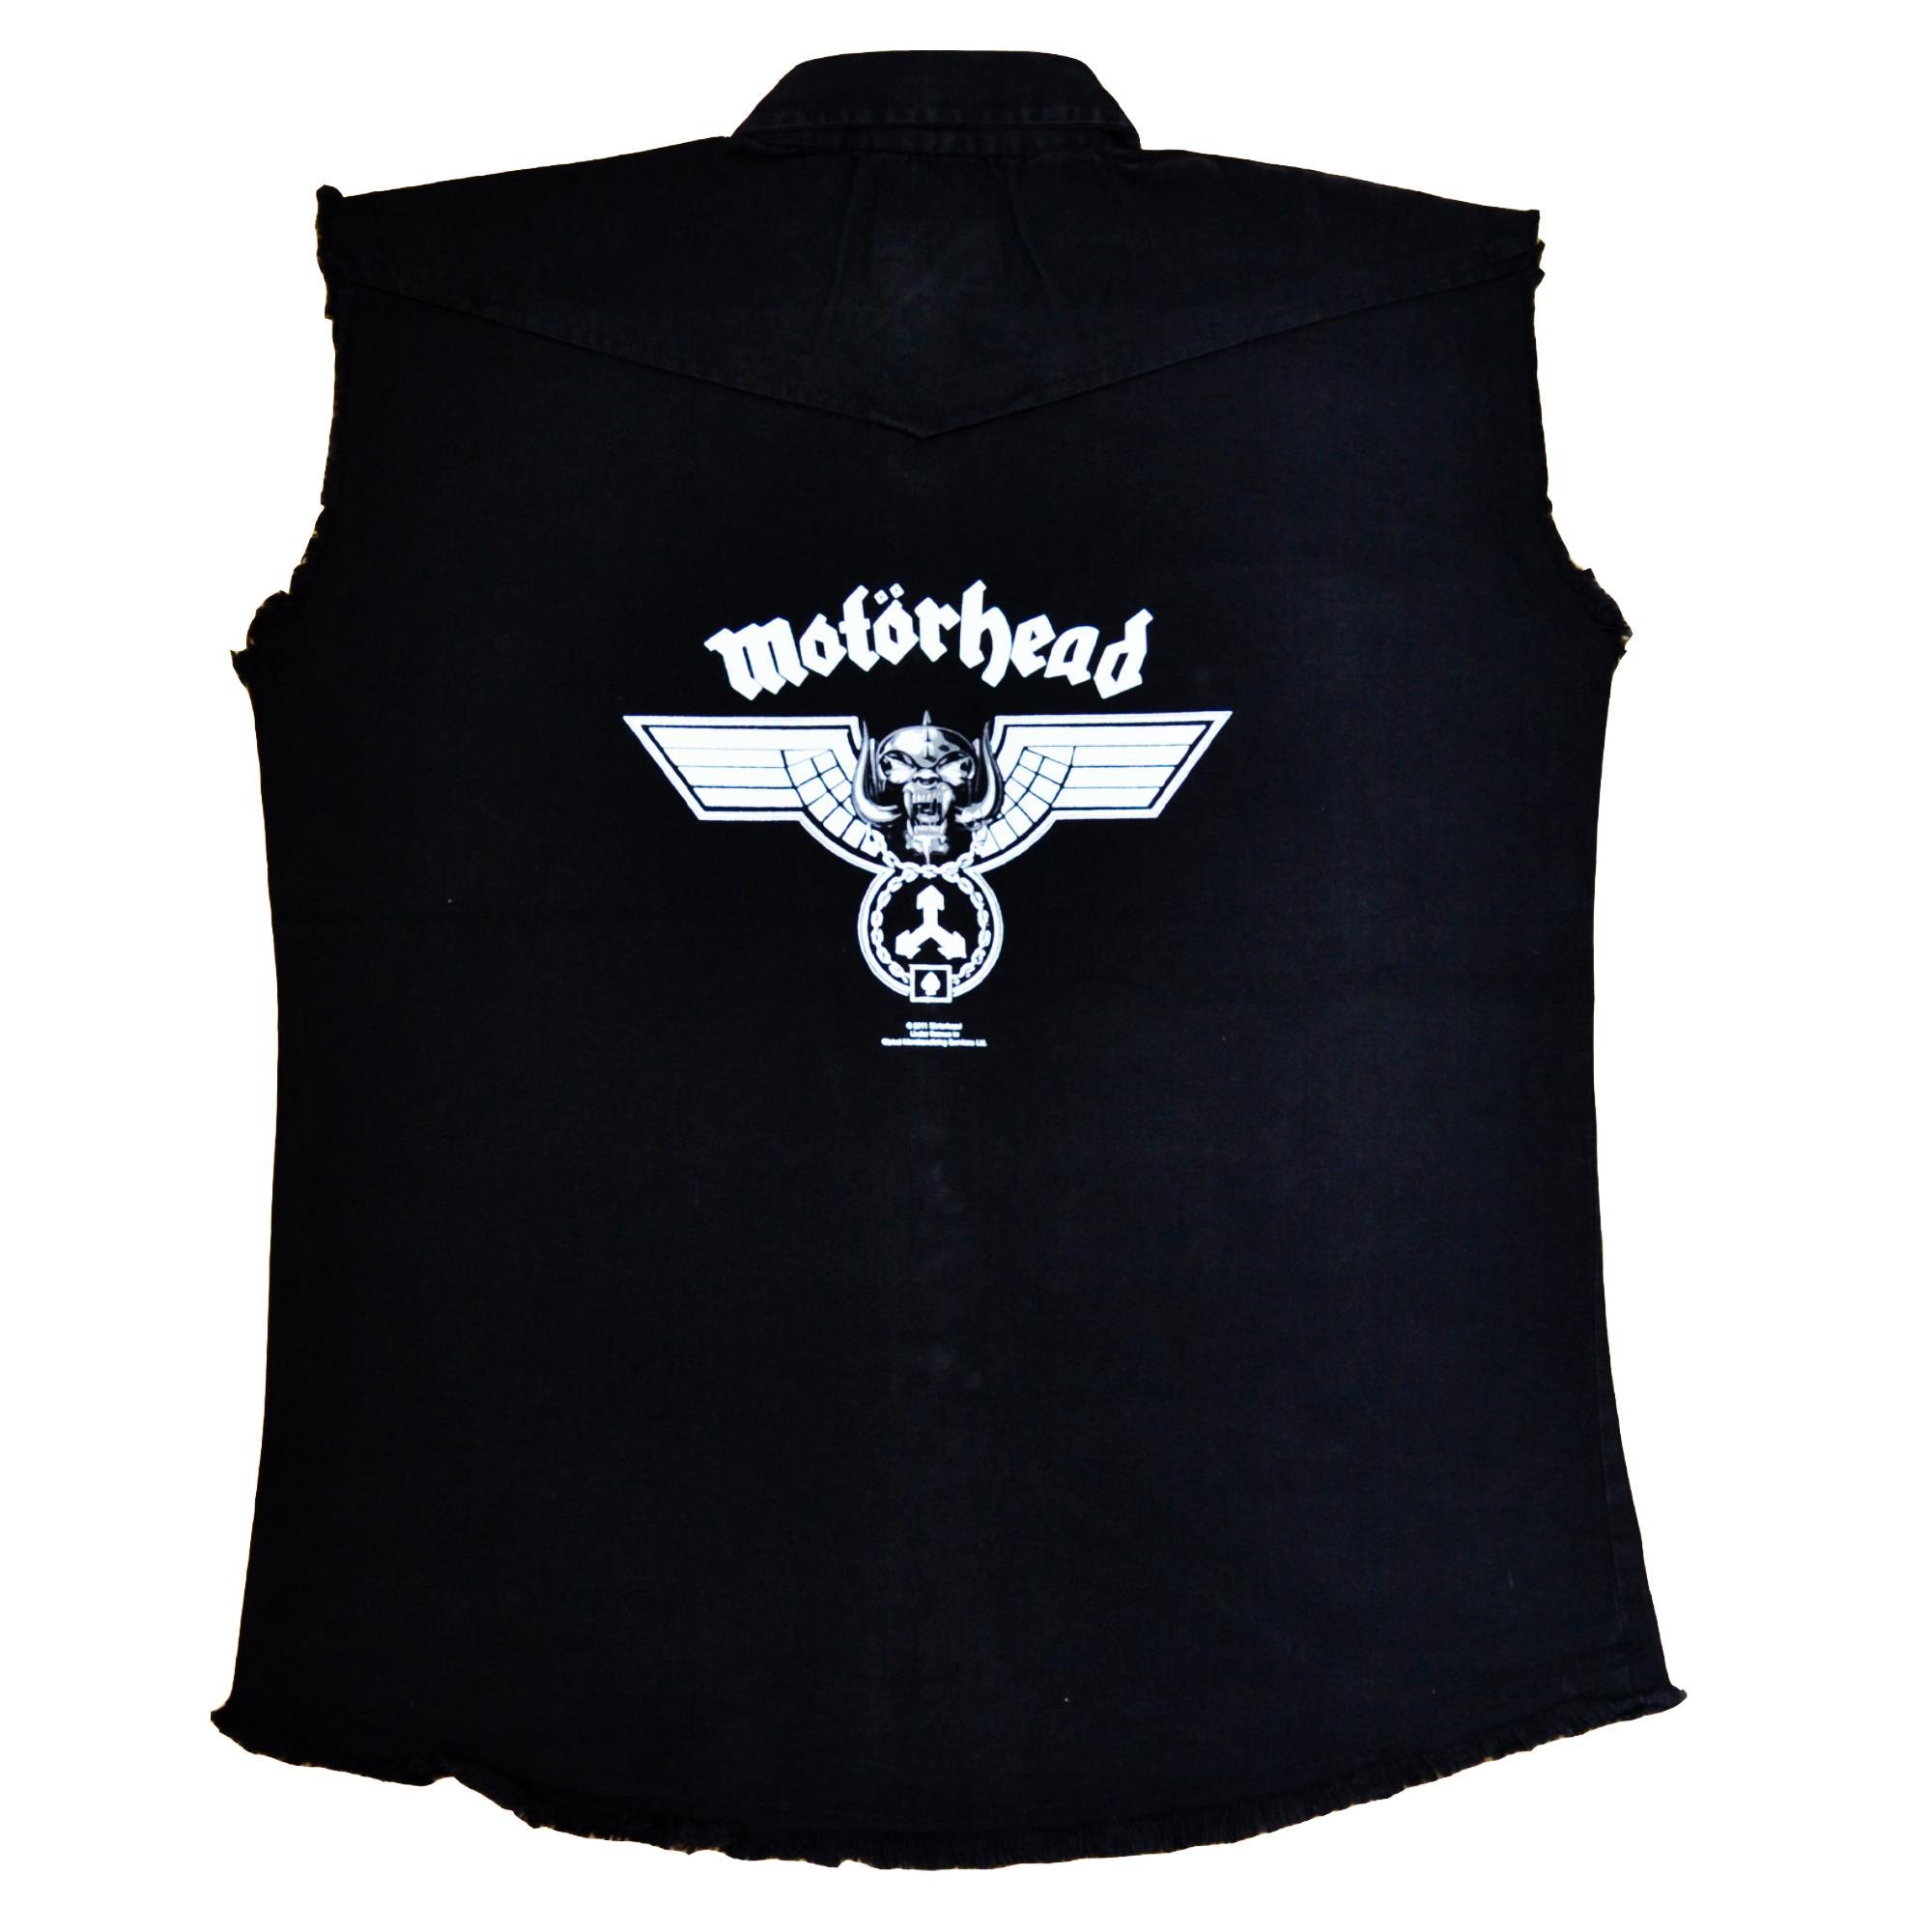 Hammered Vest